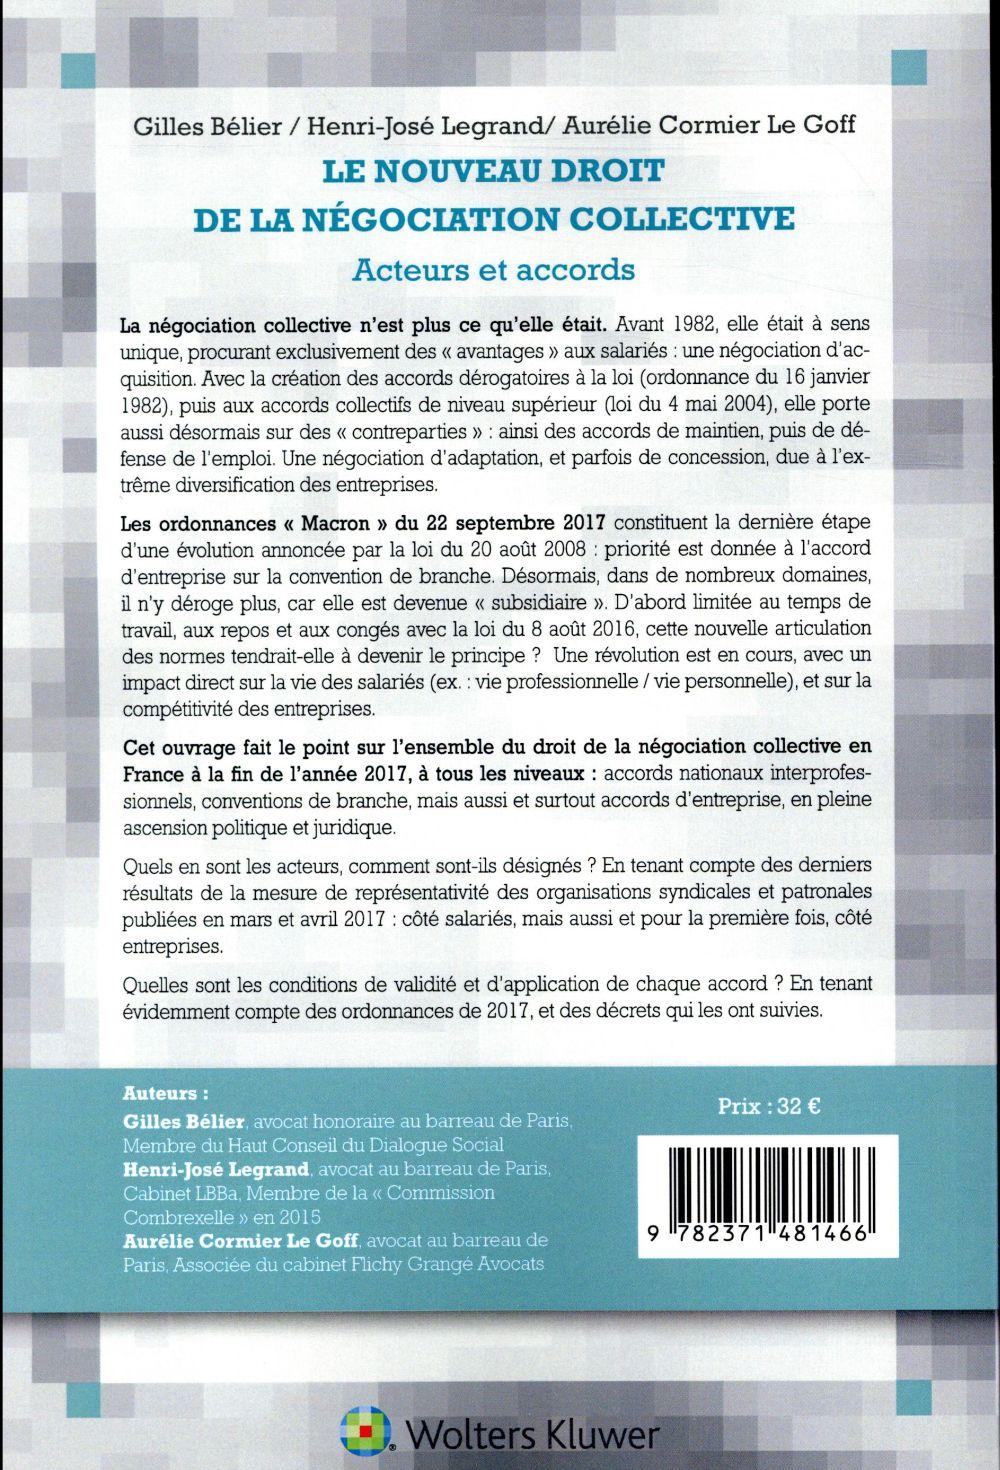 Le nouveau droit de la négociation collective (5e édition)